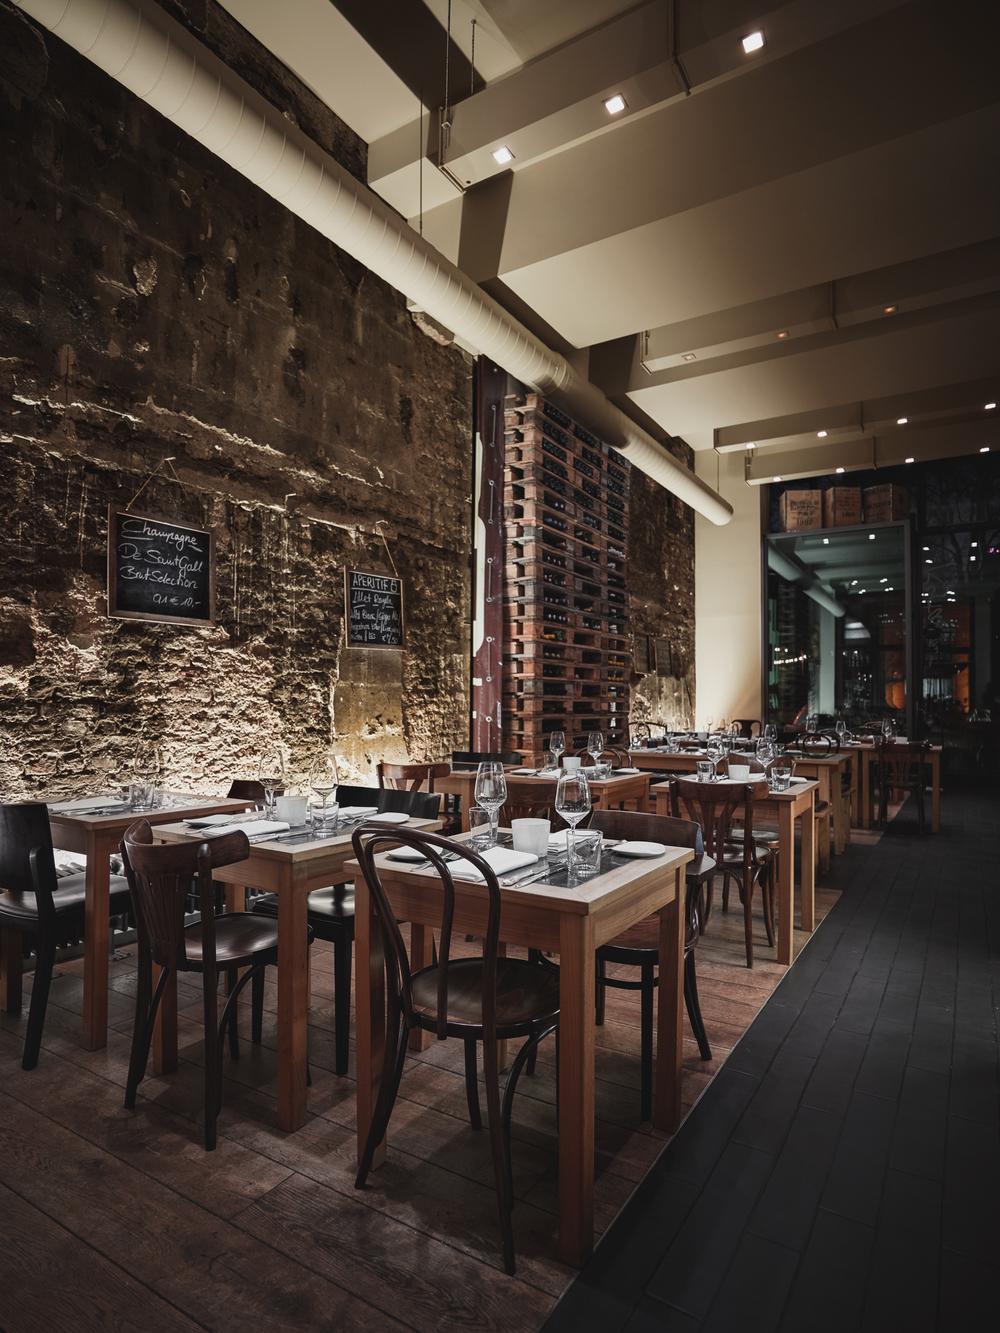 klaus_dyba_diplom_projekt_restaurant_31.jpg